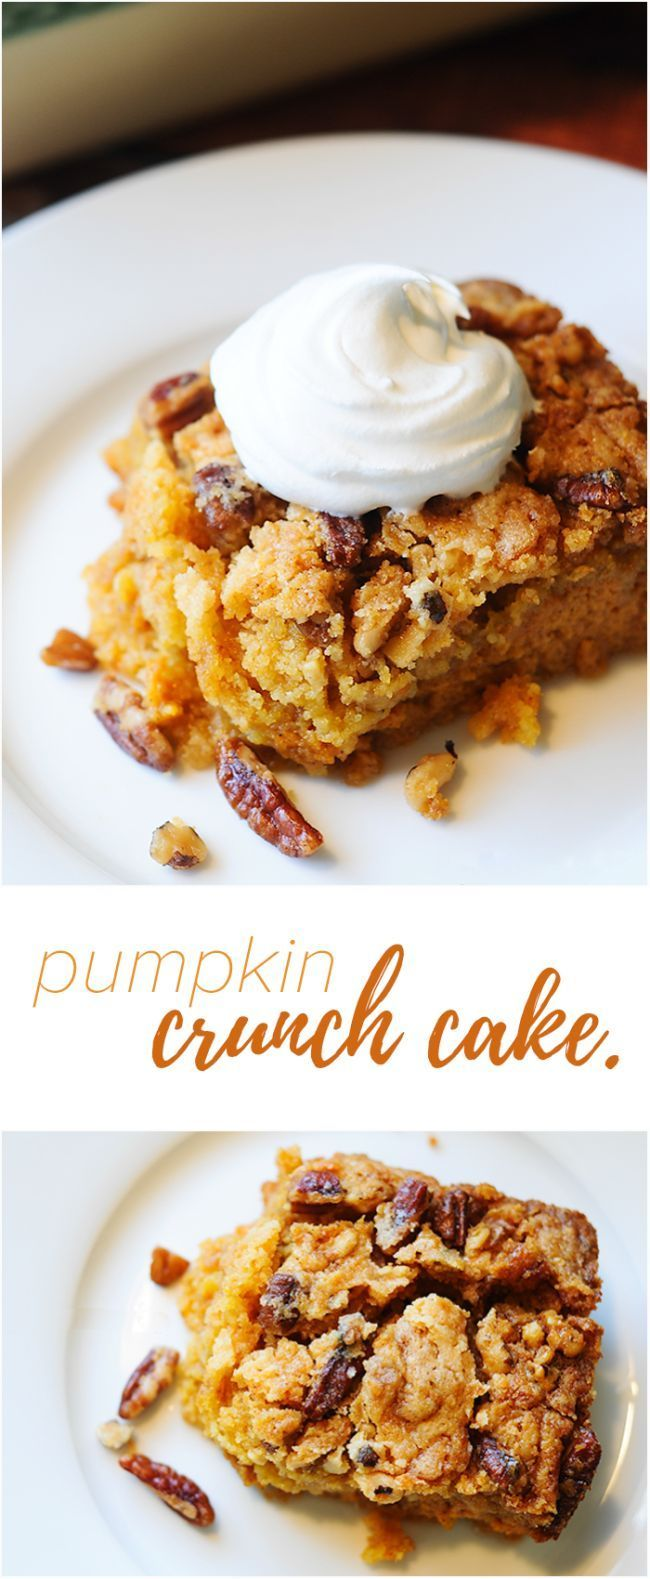 Pumpkin Crunch Cake Recipe Pampered Chef